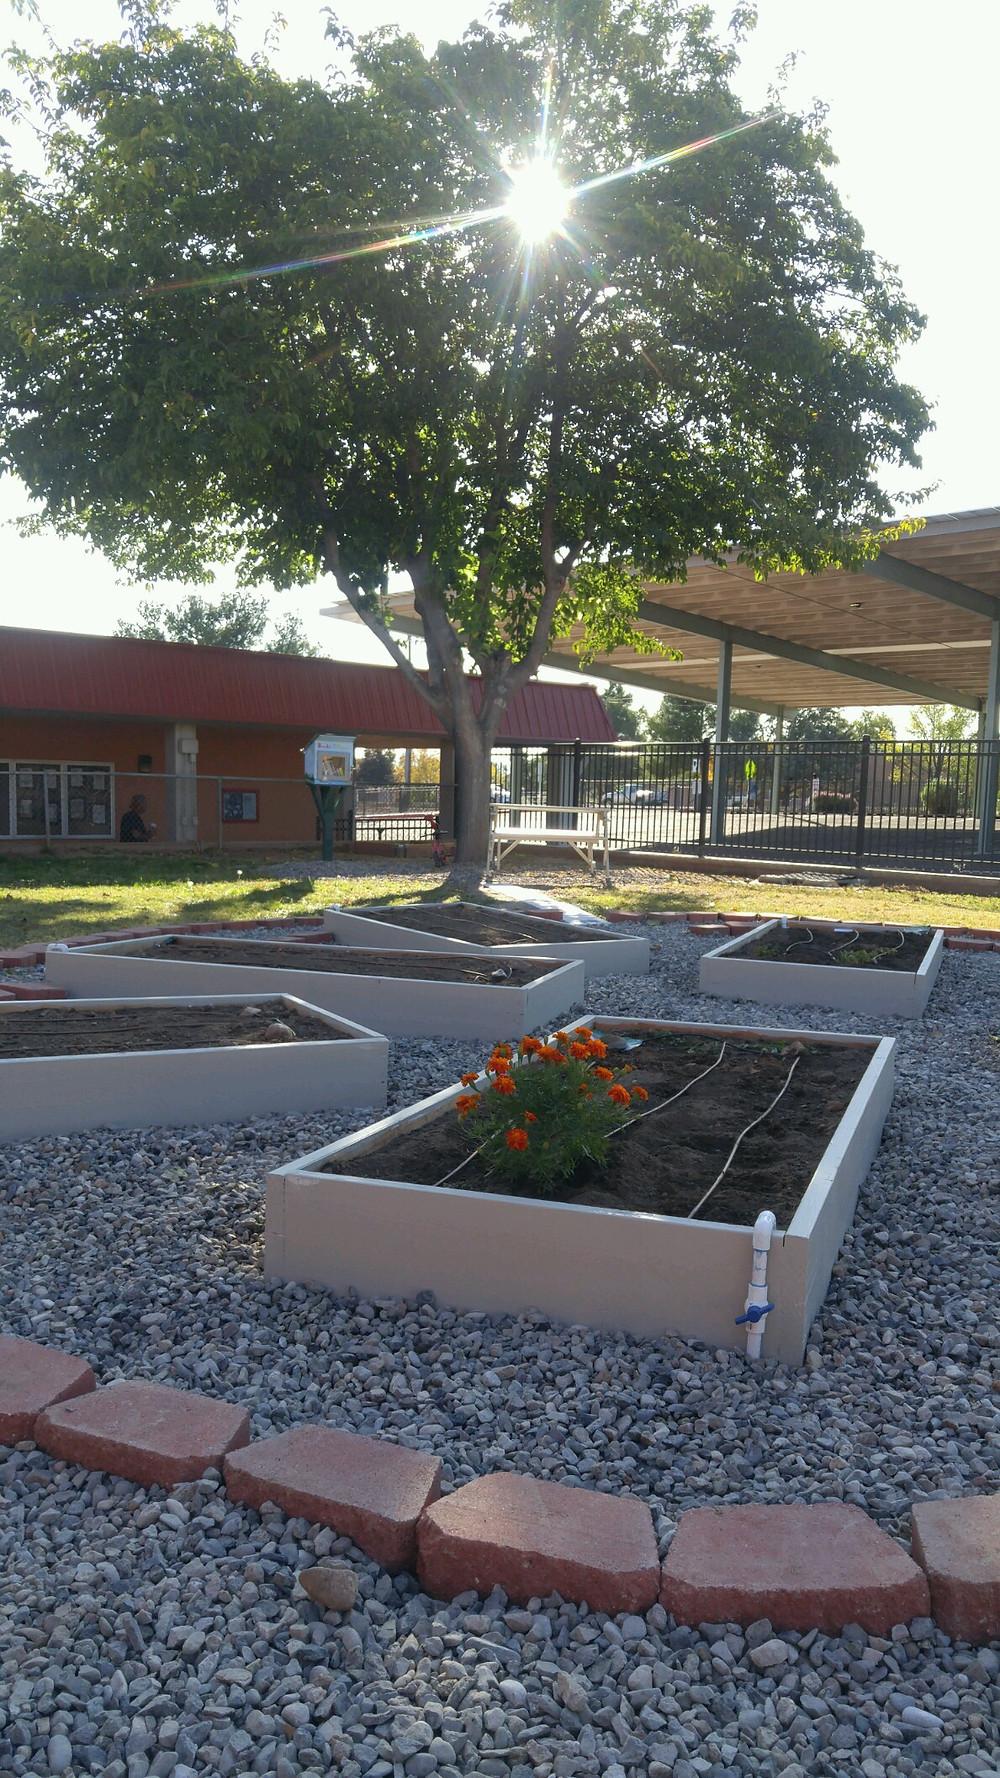 8 garden beds, 5 fruit trees, memorial area, game area